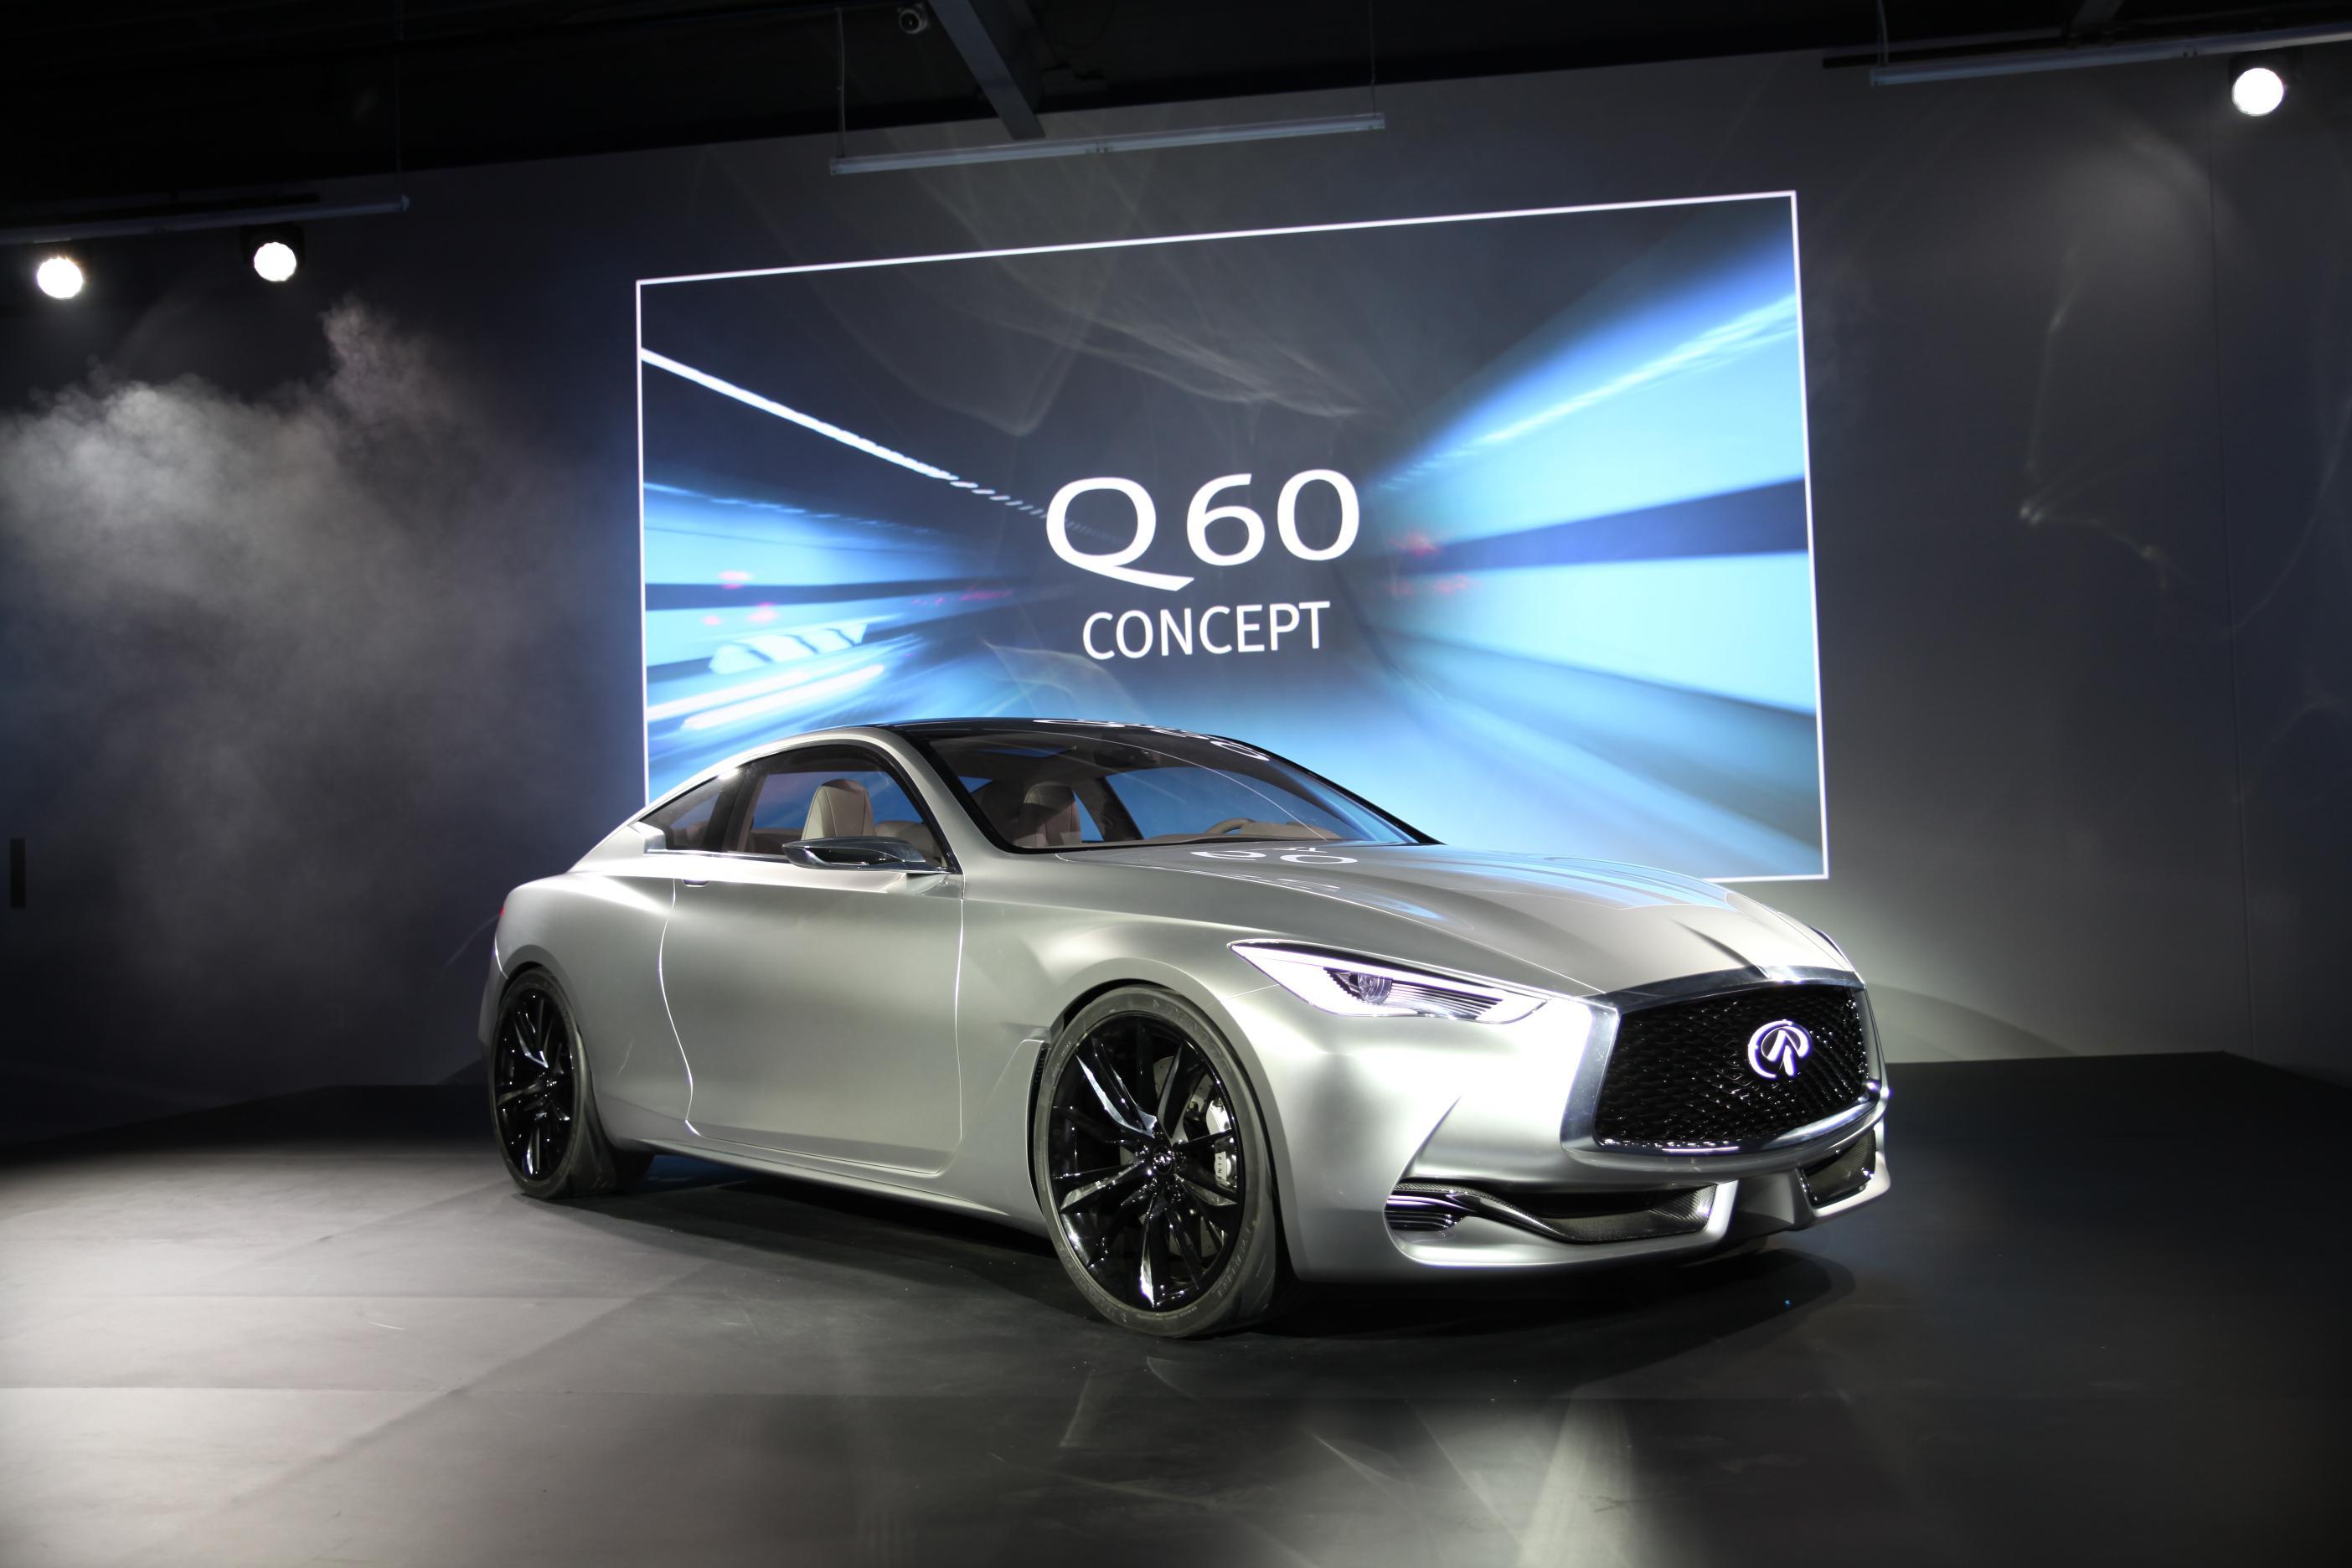 infiniti Q60 Concept via @carsfera www.carsfera.com #infiniti-q60-conceptprice, #infiniti-q60-conceptcar, #infinitiq-60concept-release-date, #infinitiq60-concept-engine, #infinitiq60-concept-interior, #infinitiq60-concept2015, #infinitiq60-concept2016, #infinitiq60-concept-detroit, #infinitiq60-concept-video, #infinitiq60-concept-release, #infinitiq60-concept, #infinitiq60-concept-detroit-auto-show, #infinitiq60-concept-cost, #infinitiq60convertibleconcept, #2015-infinitiq60-coupe-concept, #2016-infinitiq60-coupe-concept, #infinitiq60-concept-forum, #infinitiq60-concept-for-sale, #infinitiq60-concept-horsepower, #infinitiq60-concept-hp, #infiniti_q60_concept_news, #infiniti_q60_concept_production,#infiniti_q60_concept_photos, #2016_infiniti_q60_concept_price, #2015_infiniti_q60_concept_price, #infiniti_q60_concept_preis, #infiniti_q60_concept_precio, #infiniti_q60_concept_review, #infiniti_q60_concept_specs, #the_infiniti_q60_concept, #infiniti_q60_concept_wallpaper, #infiniti_q60_concept_wiki, #infiniti_q60_concept_youtube, #infiniti_q60_concept_2016_price